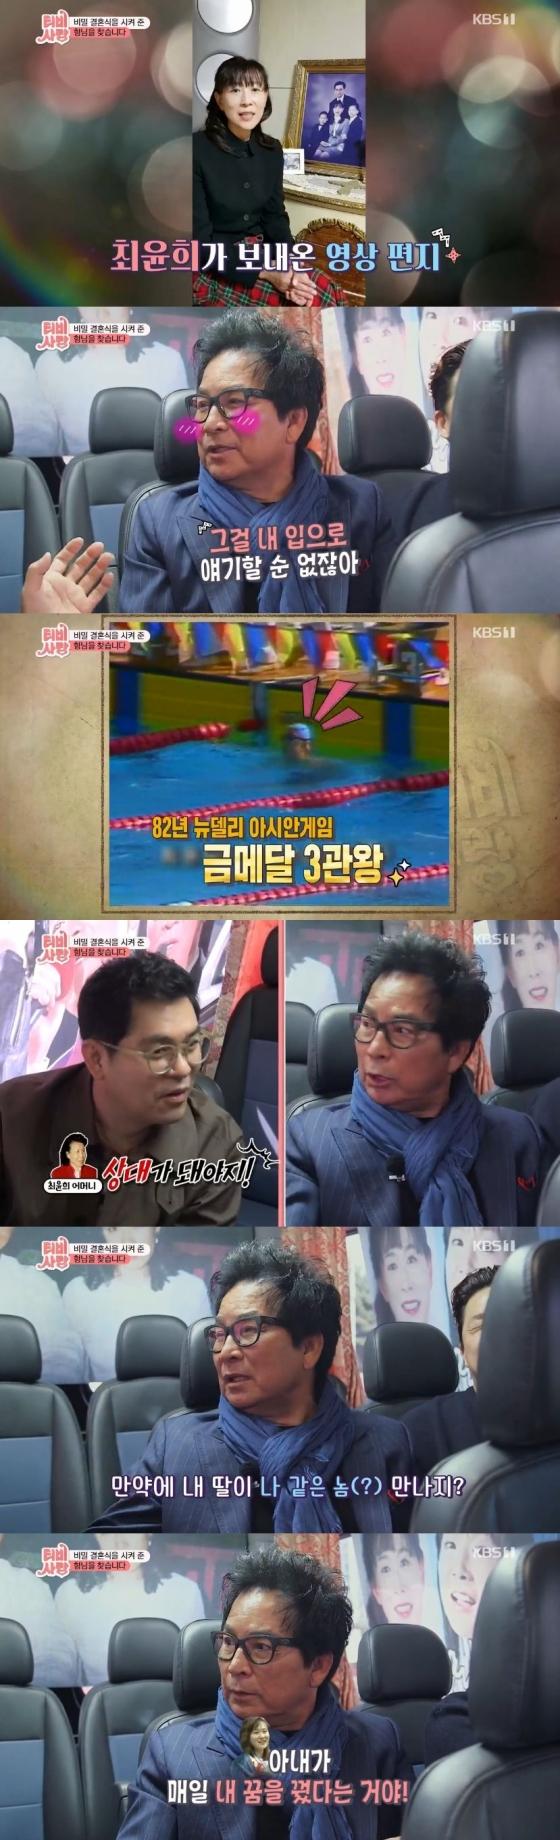 /사진=KBS 1TV 예능 프로그램 'TV는 사랑을 싣고' 캡처